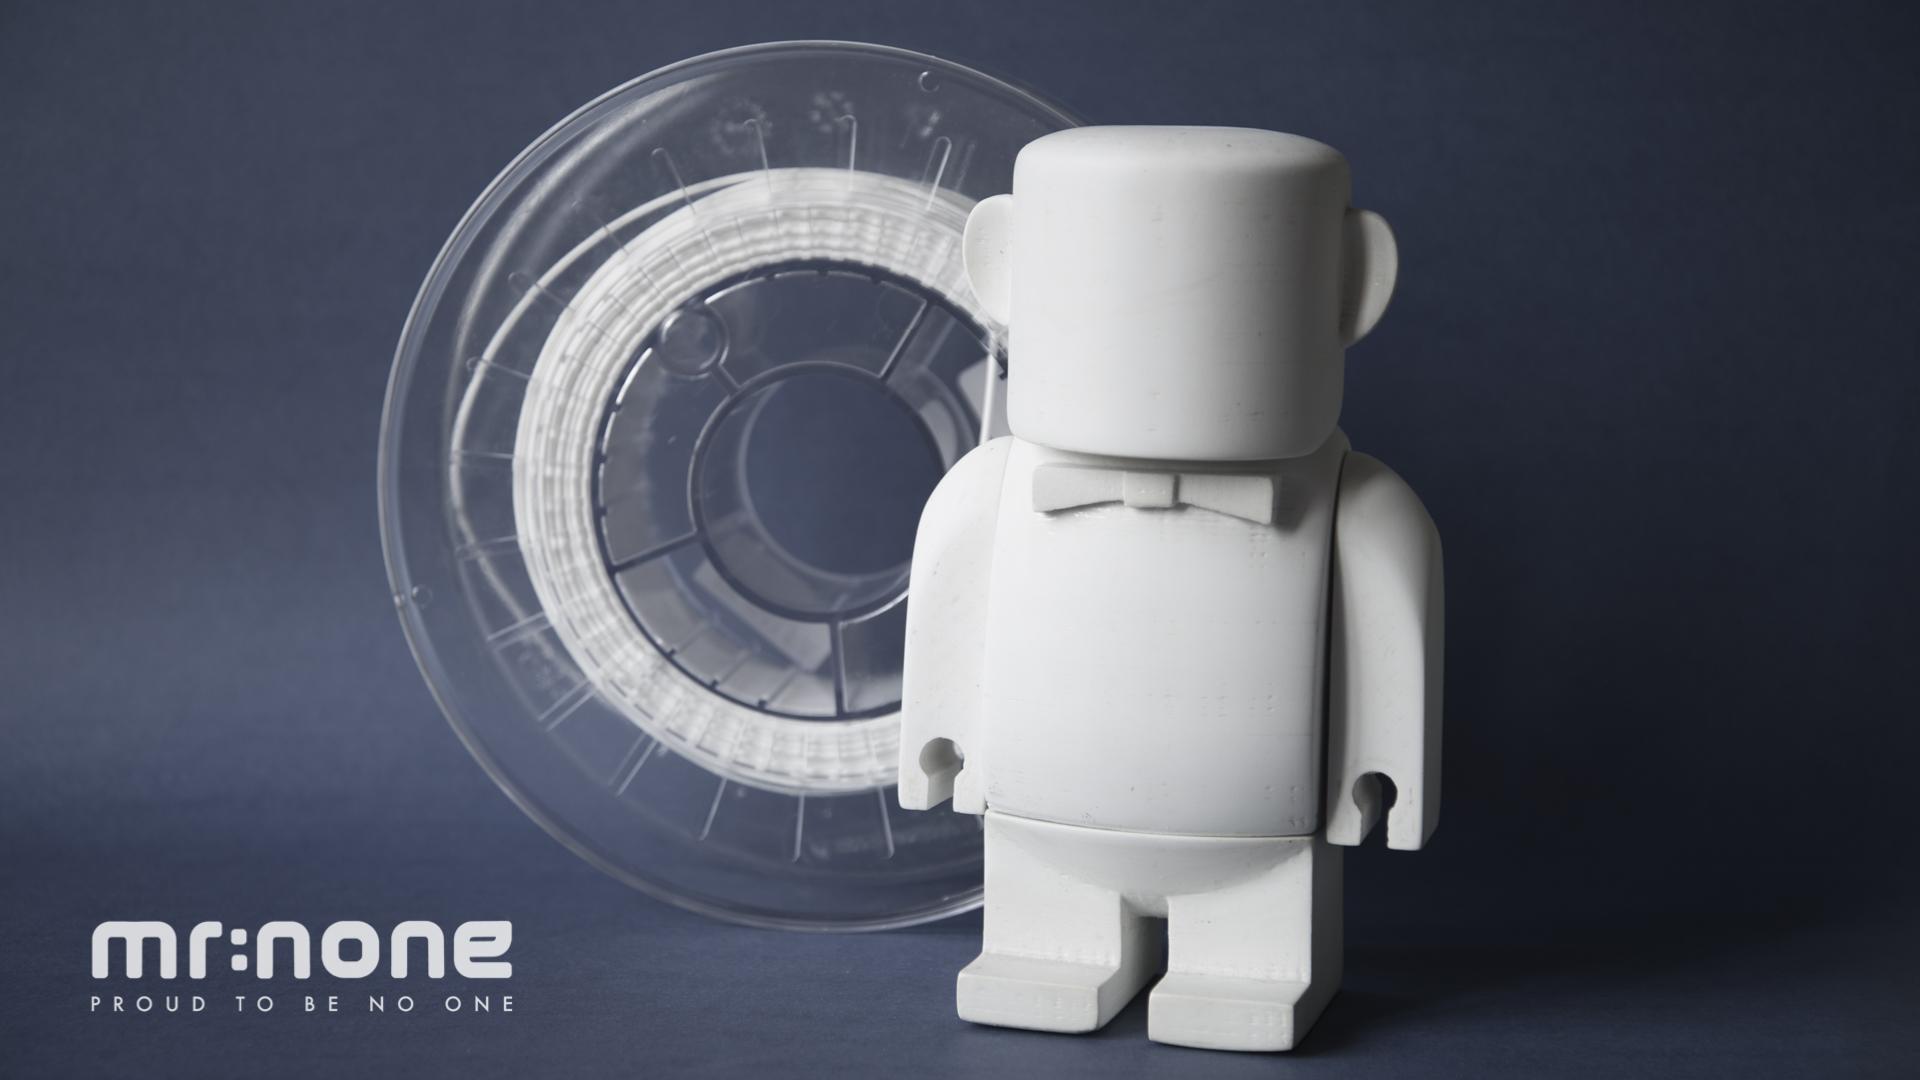 MR:NONE – Artoy Open Source